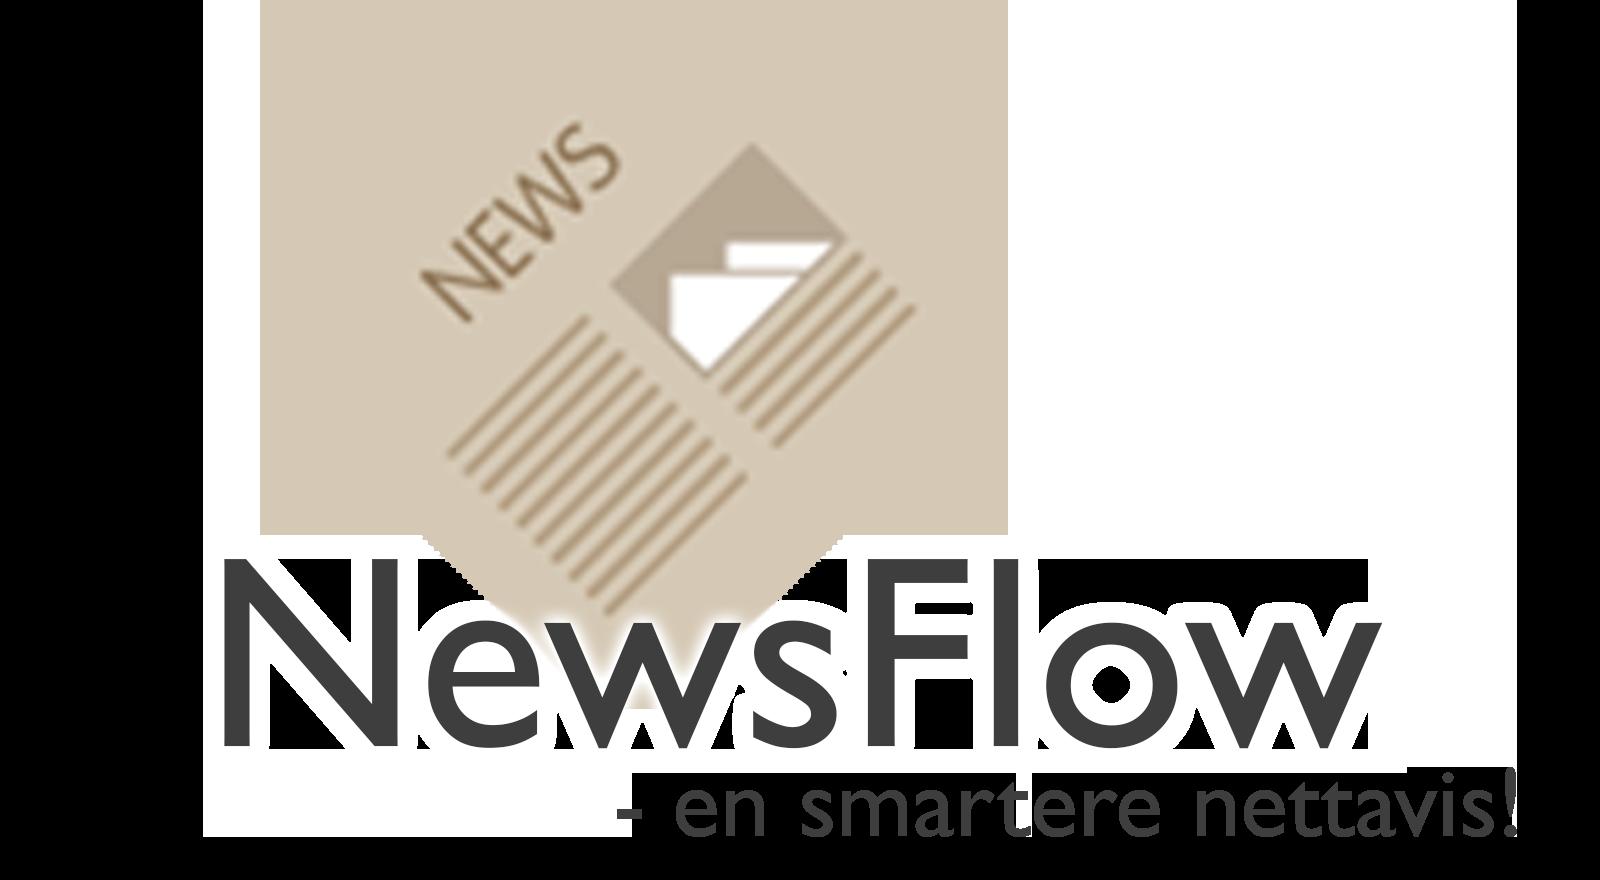 Fritanke.no - nettavis for livssyn og livssynspolitikk